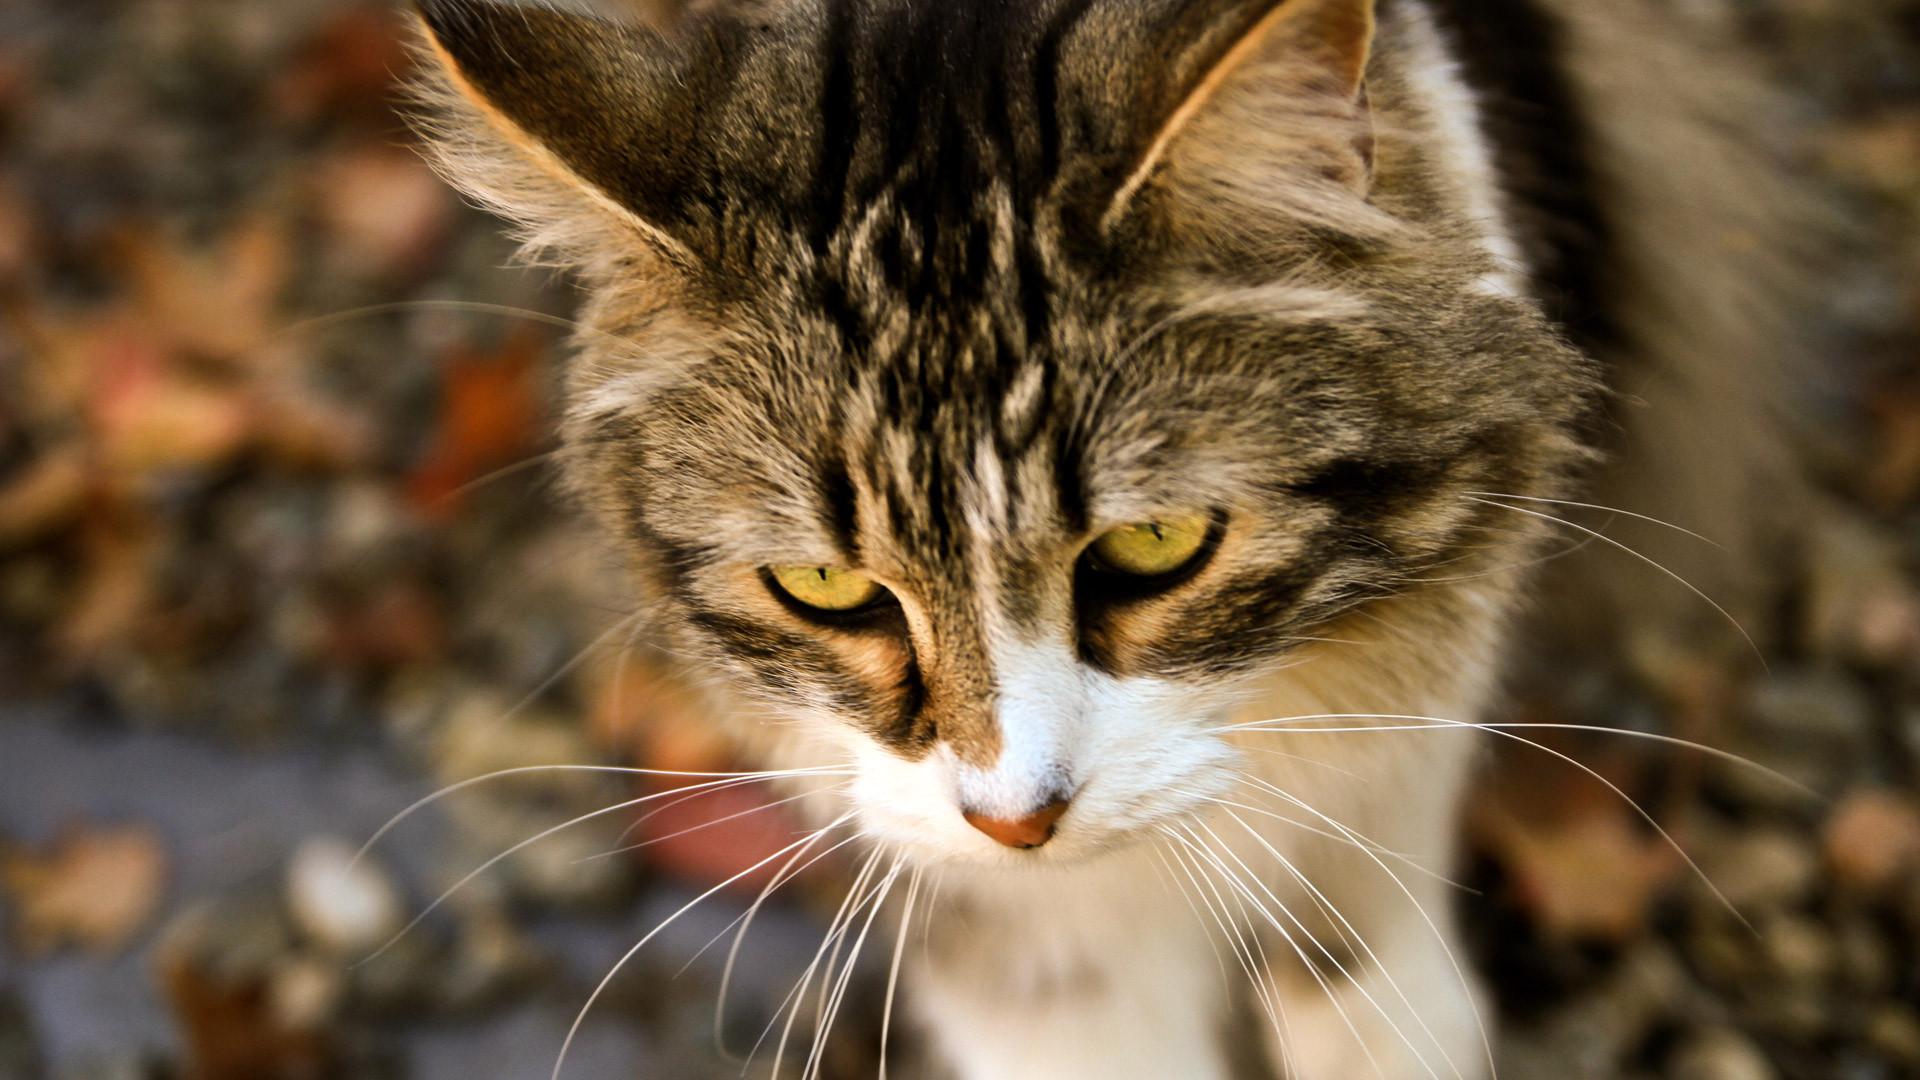 cat looks like lenin